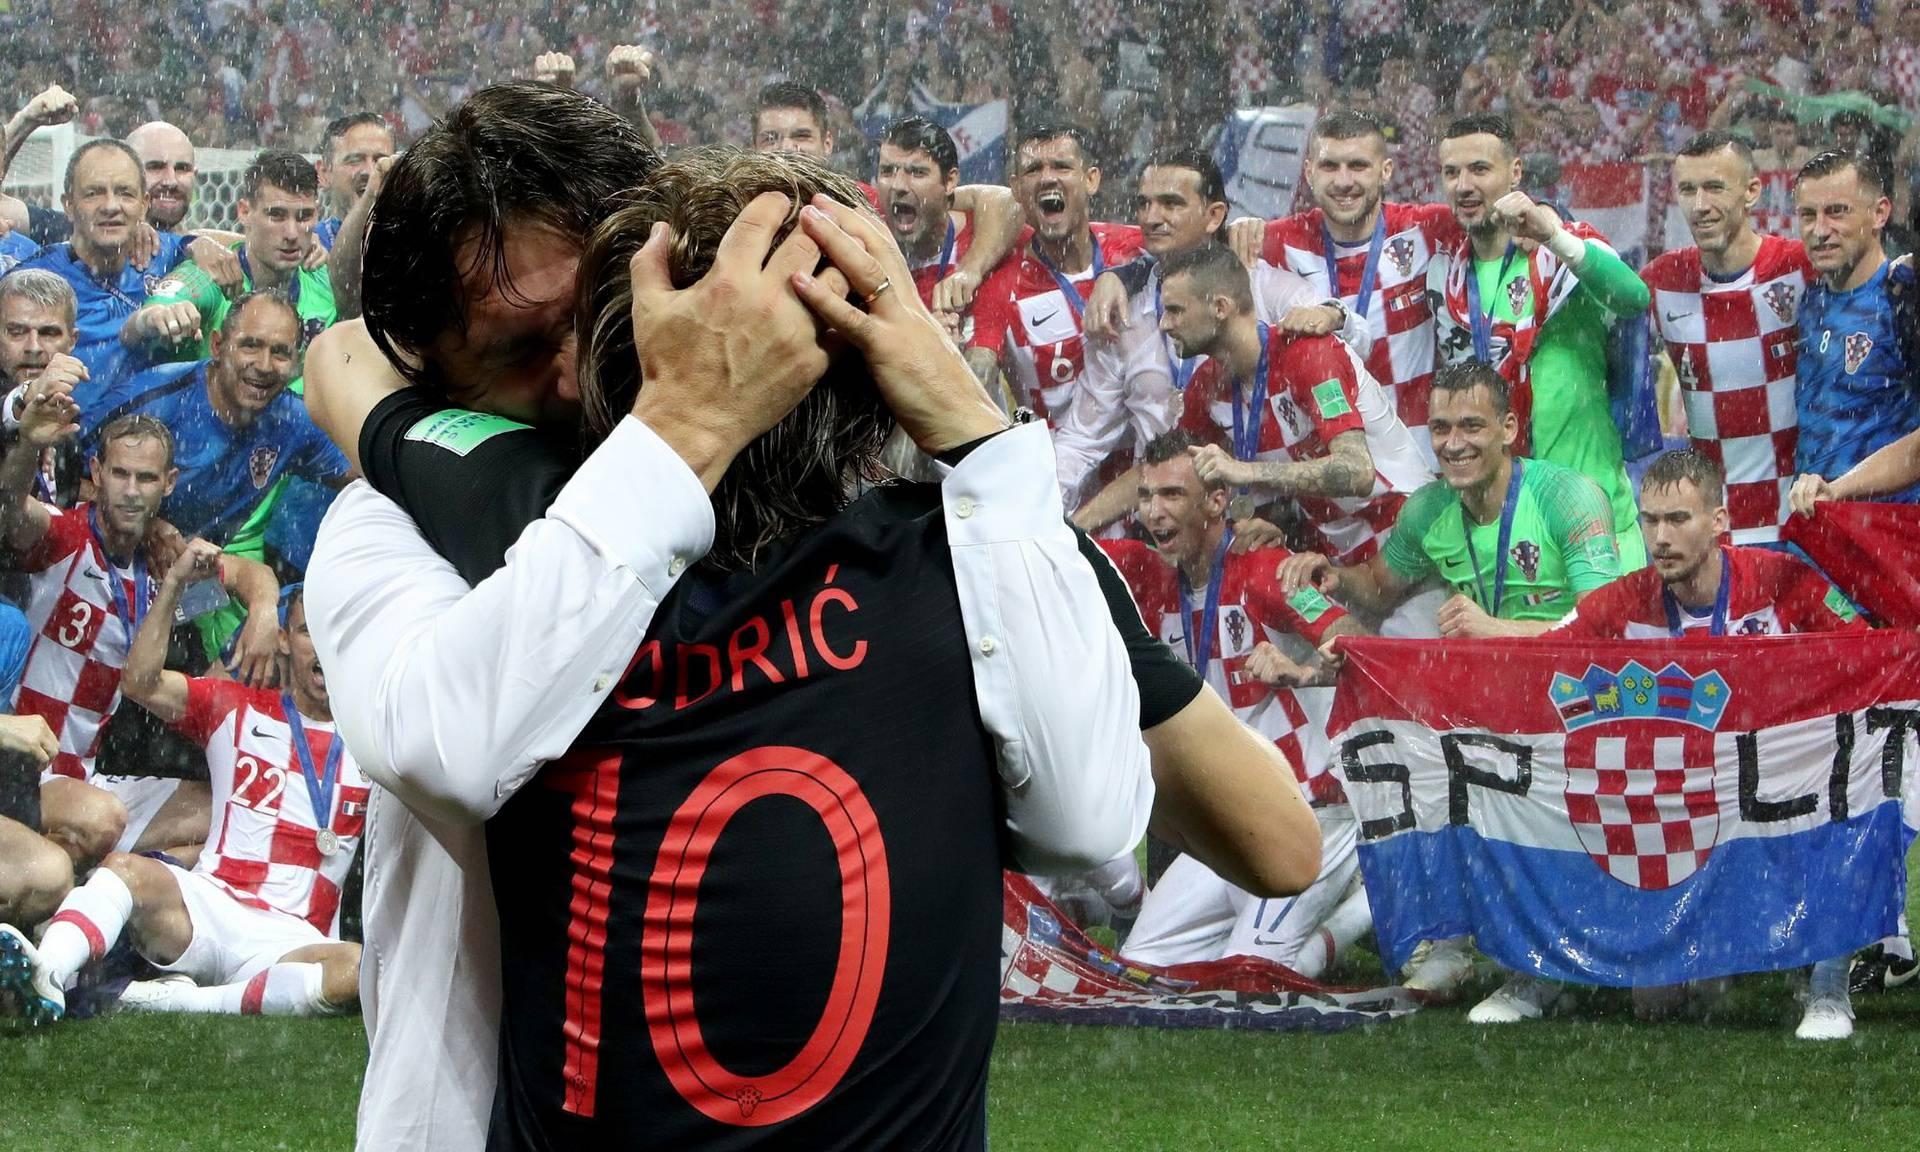 Dalićeva ispovijest: U Hrvatsku sam ušao u suzama i u Lukinu dresu. Nisam mogao izdržati...